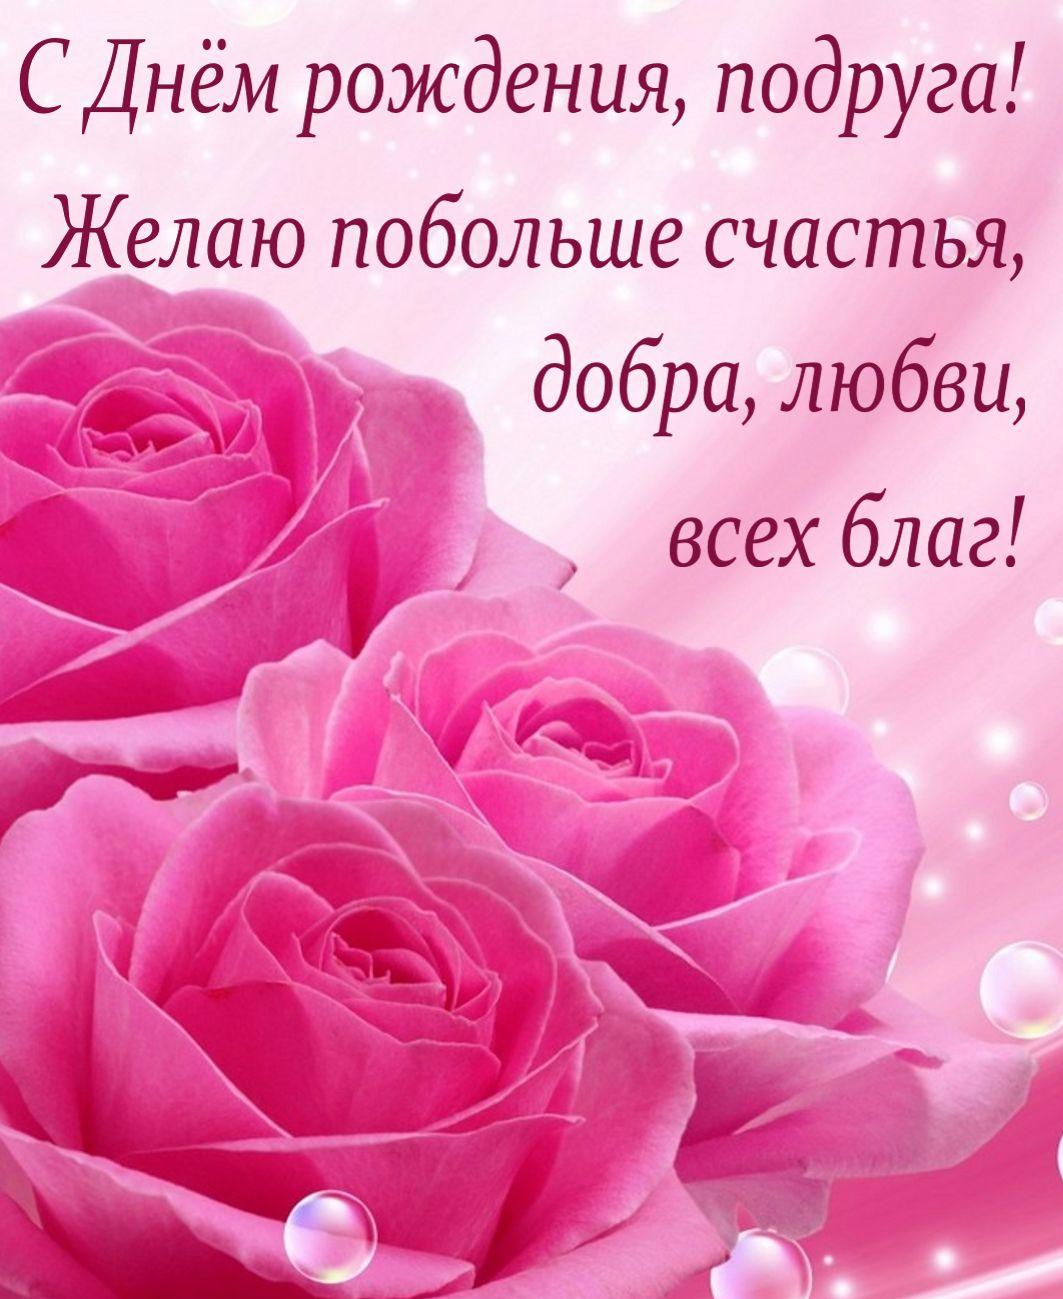 Открытка с Днём рождения подруге - пожелание и красивые розовые цветы